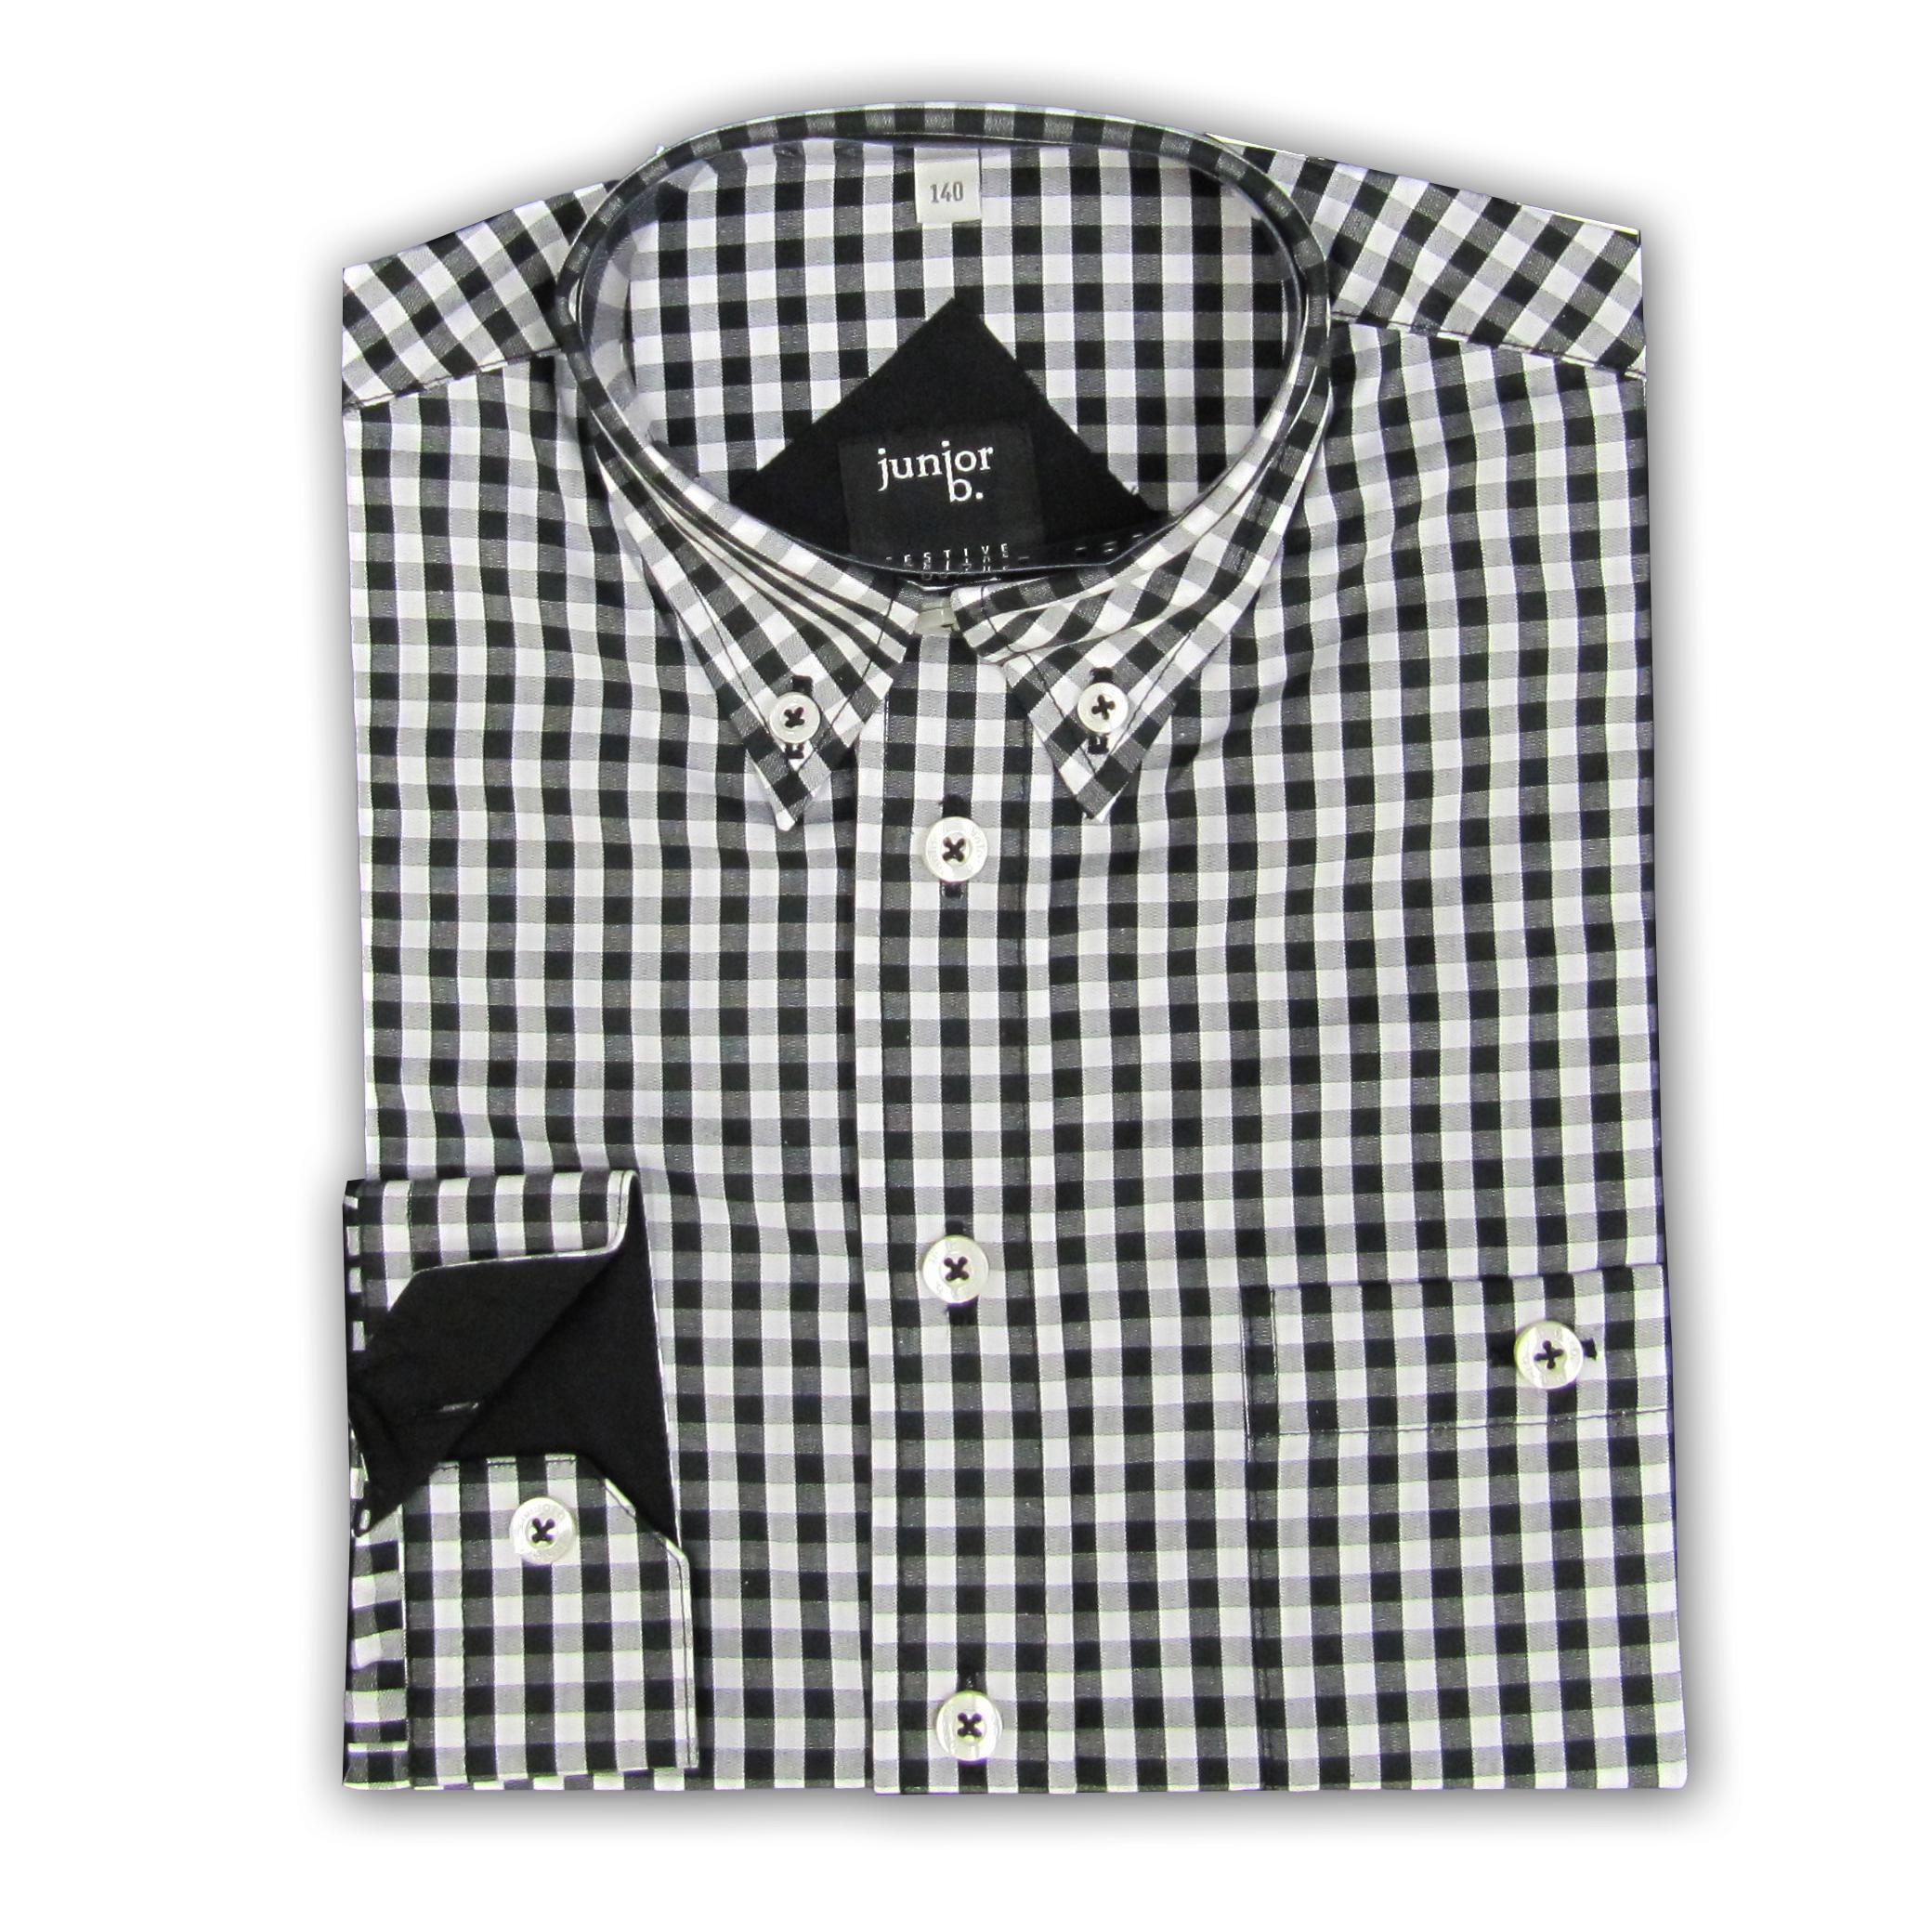 Außergewöhnlich Hemd für Jungen schwarz/weiß kariert - Kommunionhemd von Junior B &AK_69